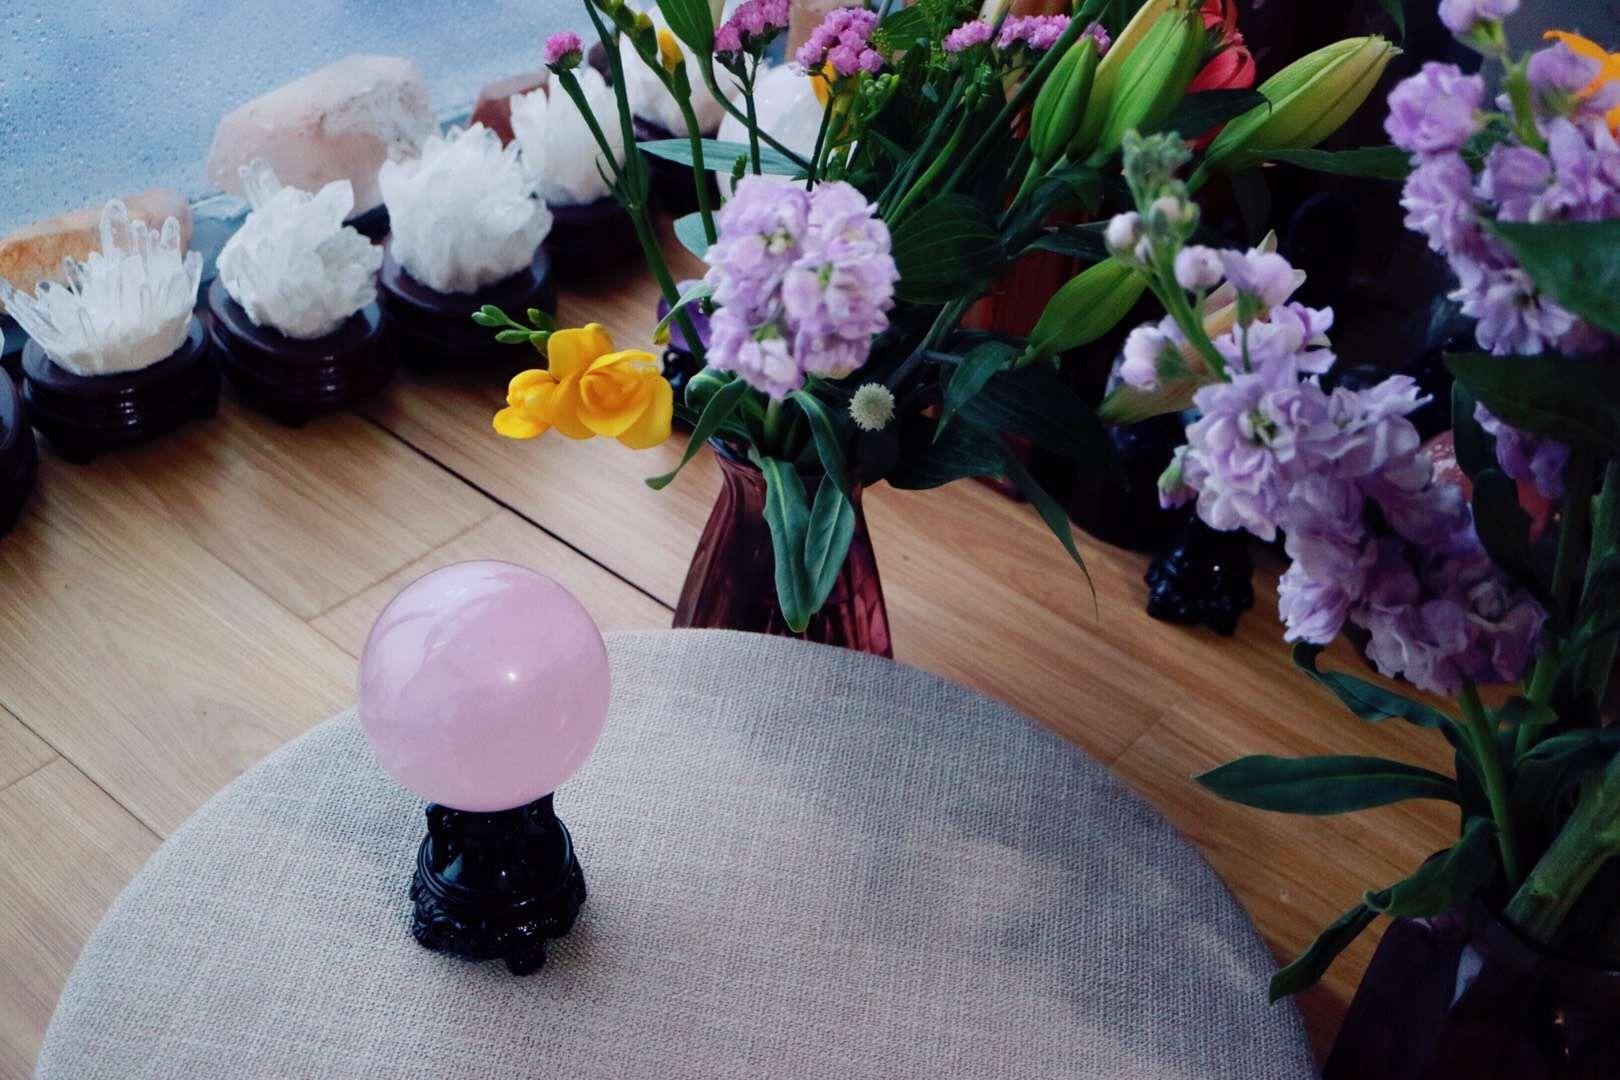 【菩心 | 粉晶球】 让爱一直倾心相伴-菩心晶舍